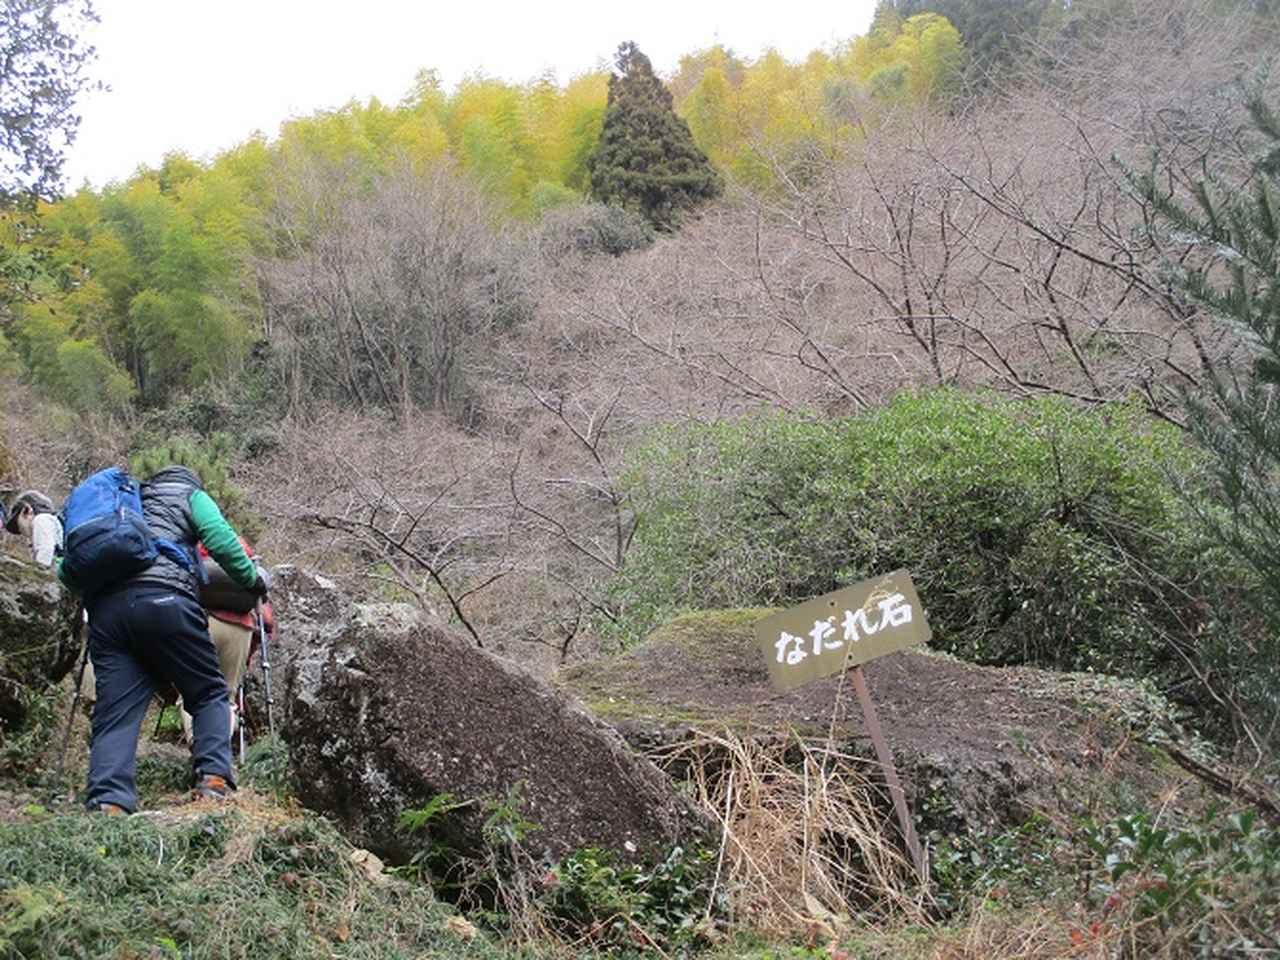 画像4: 1月8日に岡田ガイドと静岡県にたたずむ 石谷山 へ行って来ました♪